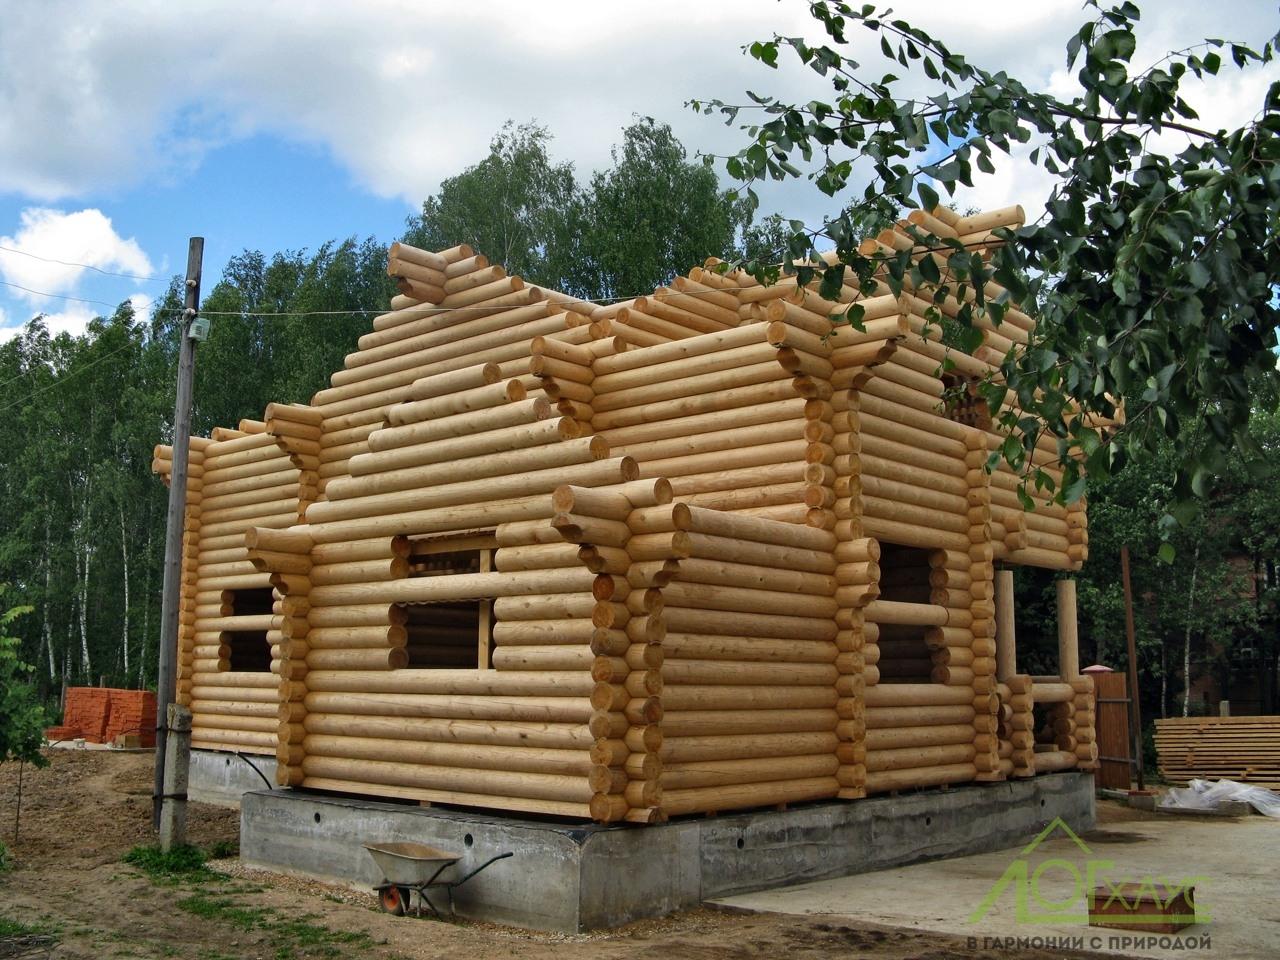 Строительство деревянного сруба из бревен